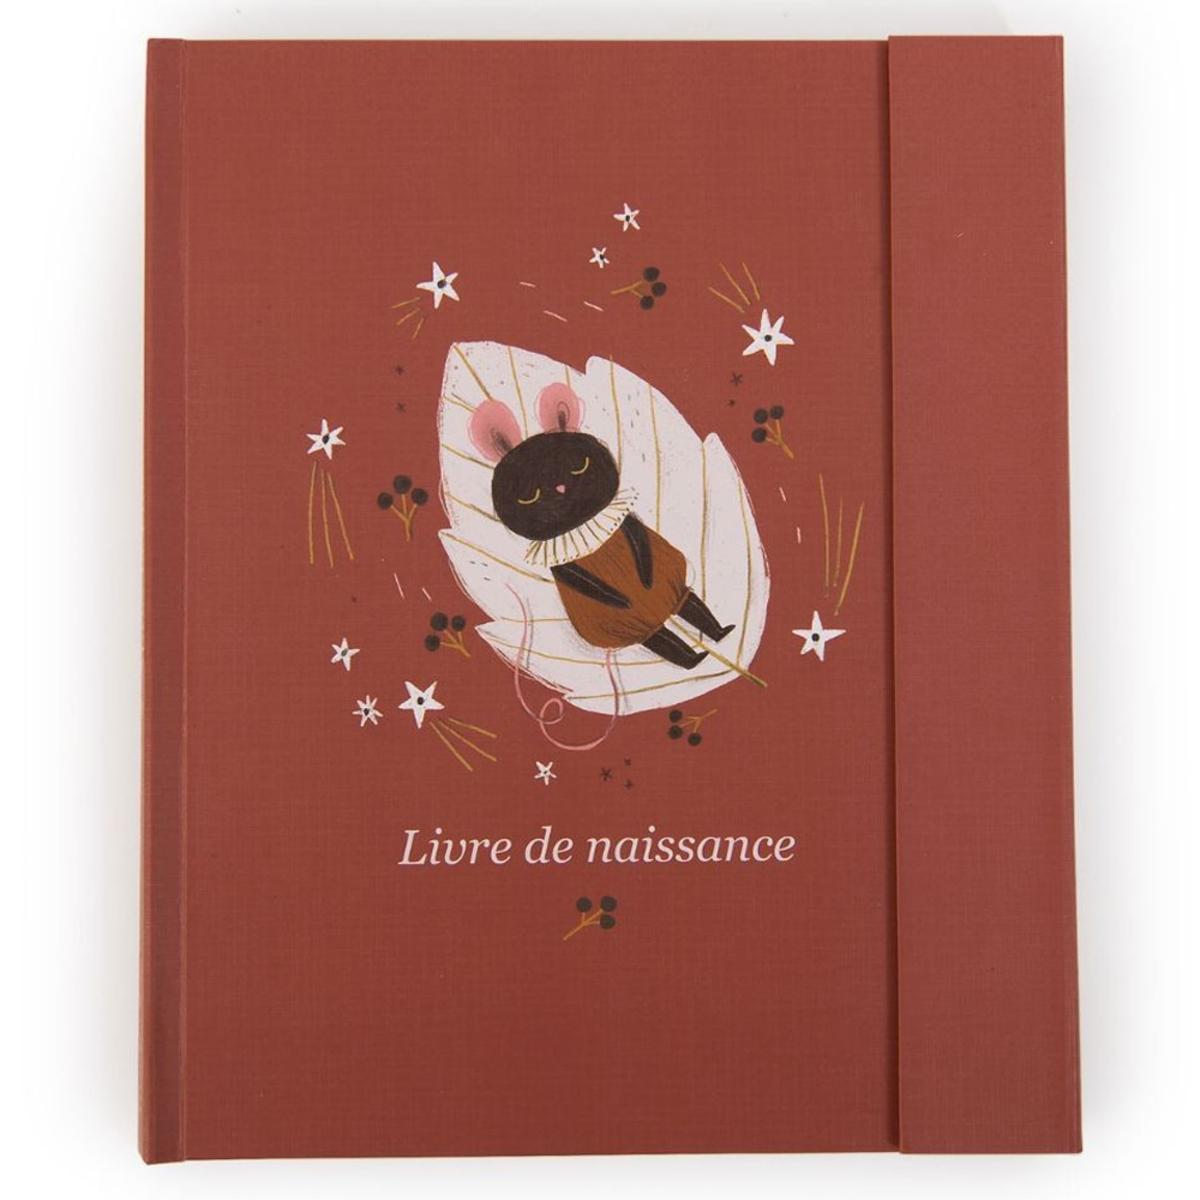 Album naissance Livre de Naissance - Après la Pluie Livre de Naissance - Après la Pluie